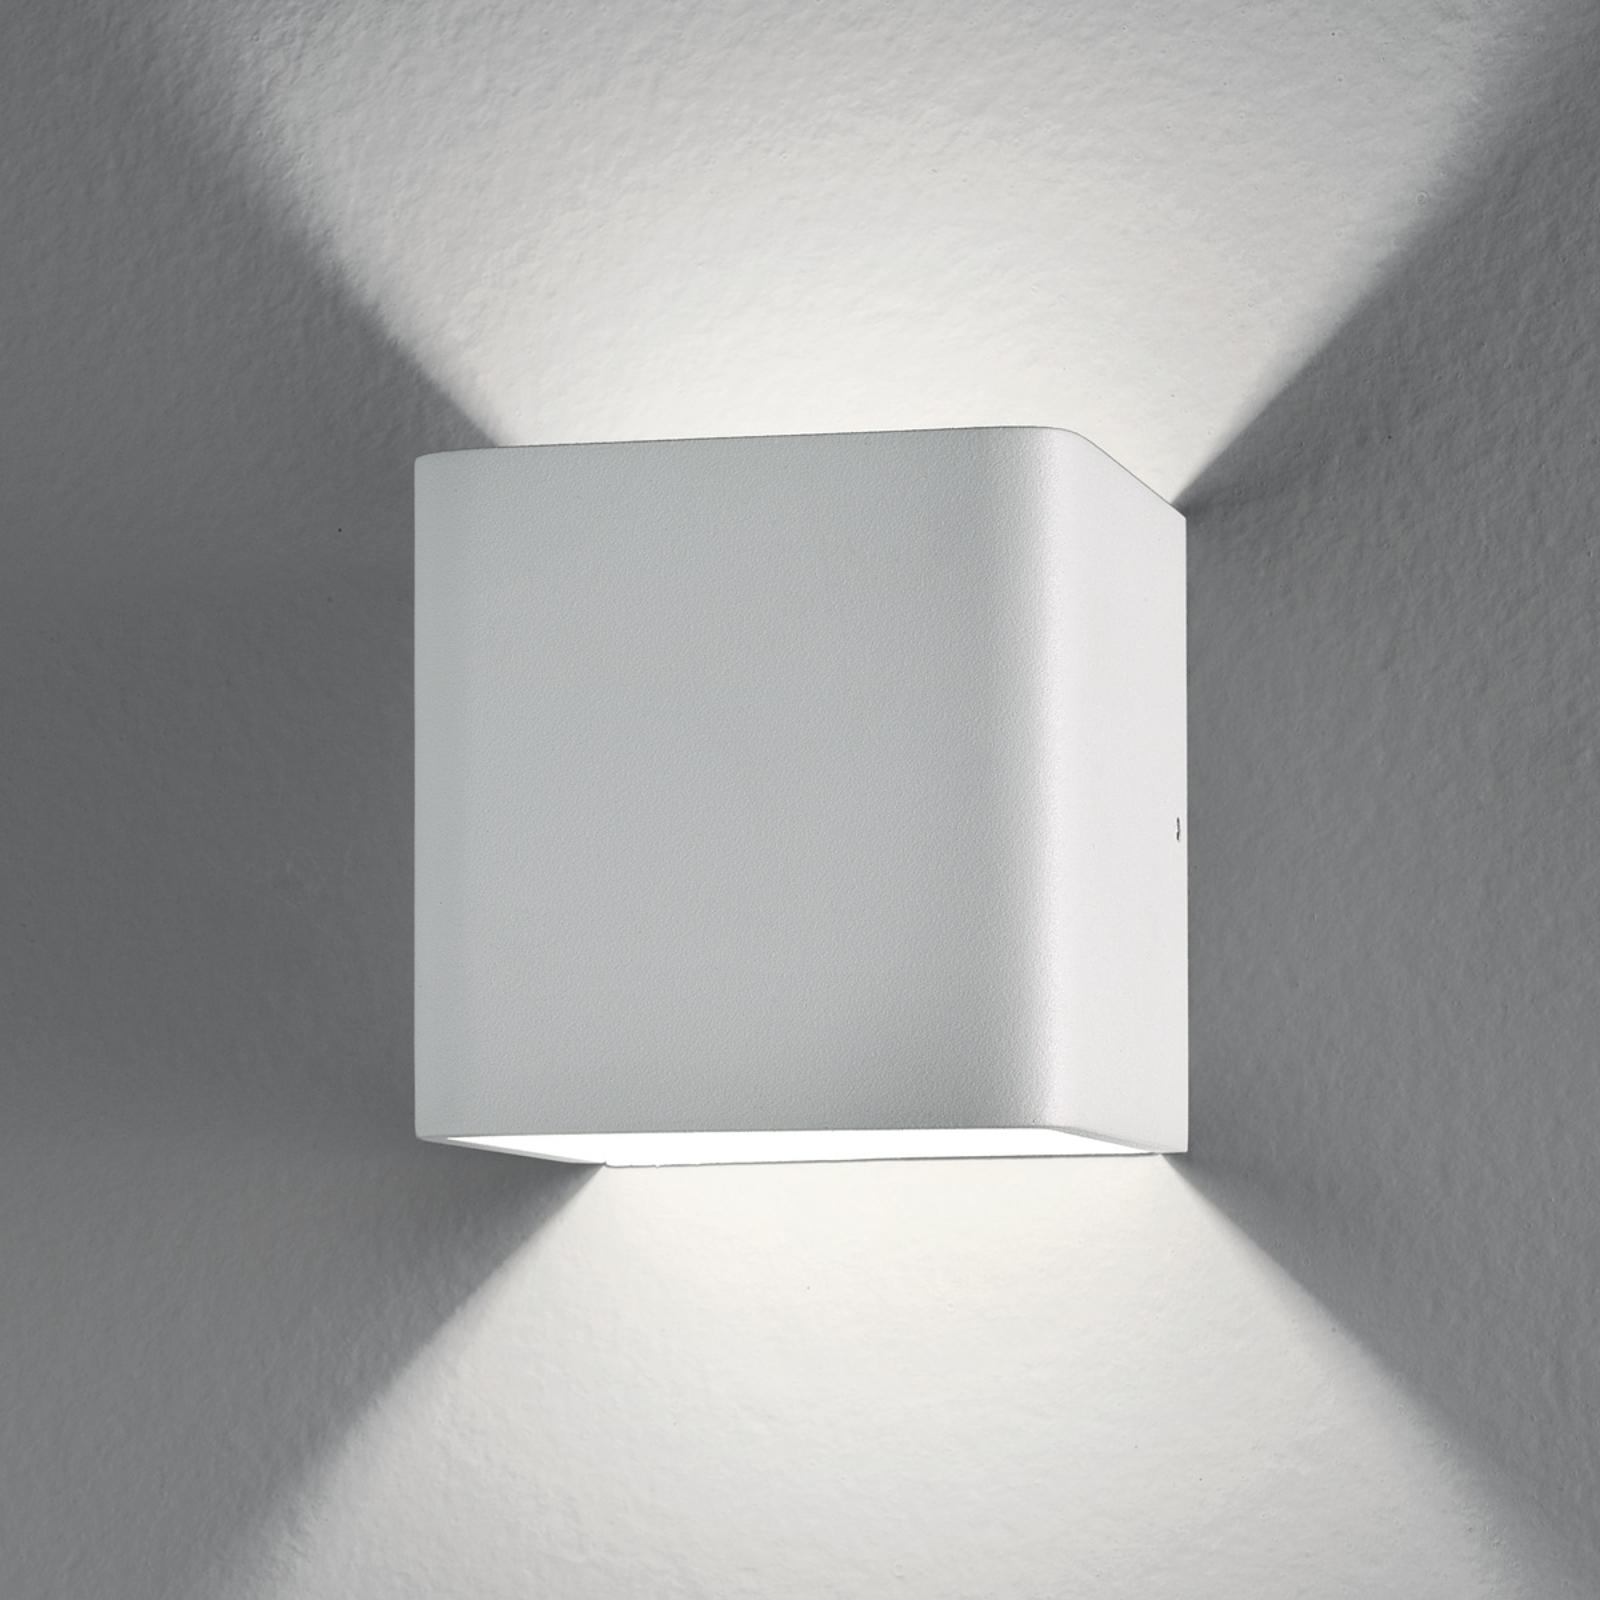 Krychlové LED nástěnné světlo Gino, 6 W